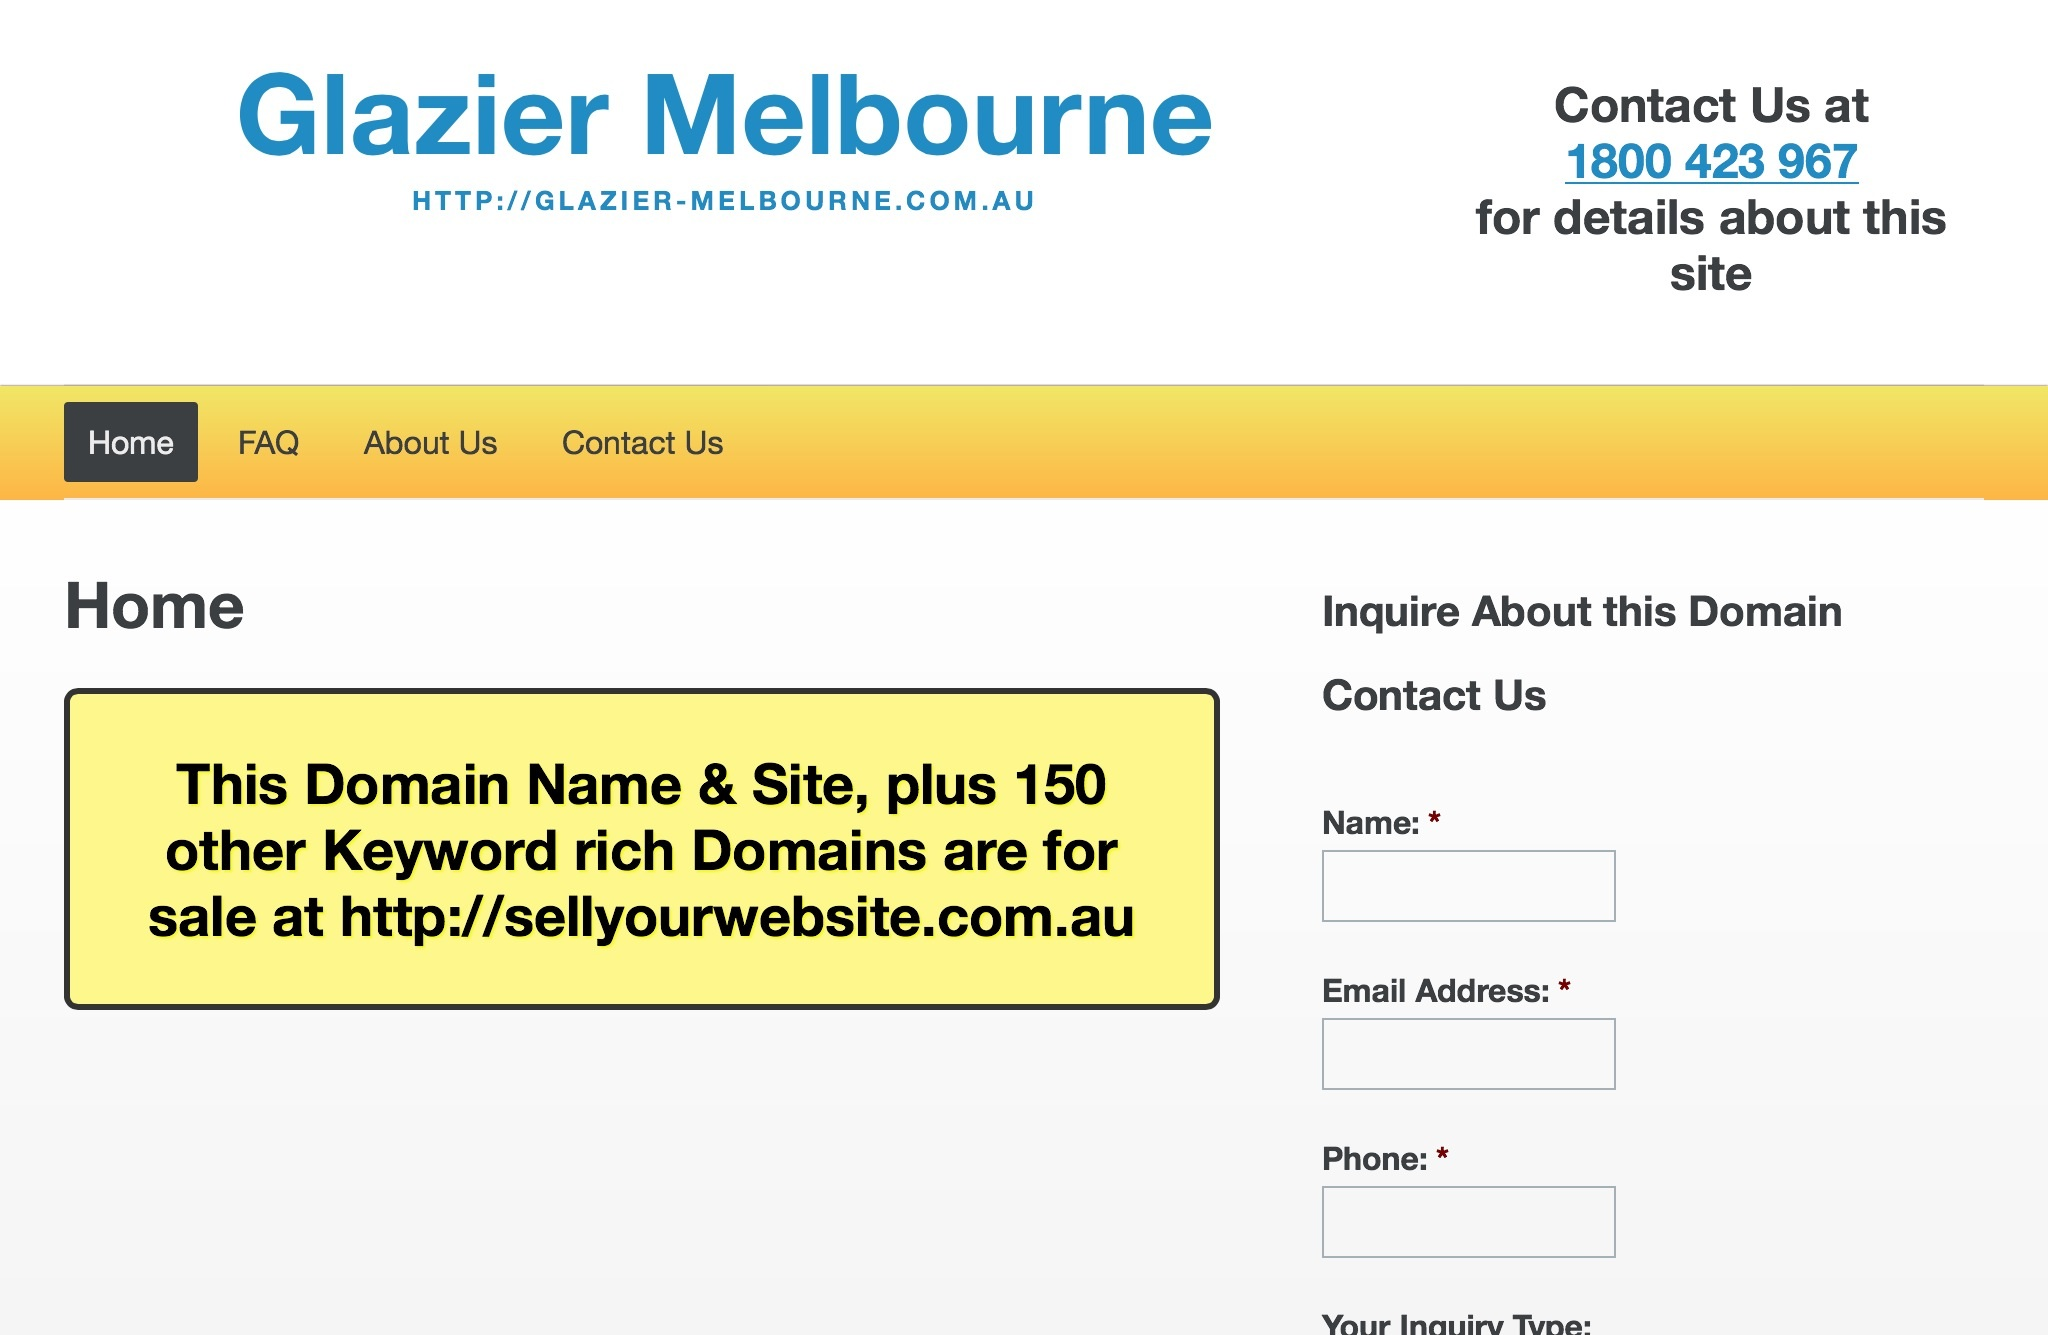 Glazier Melbourne